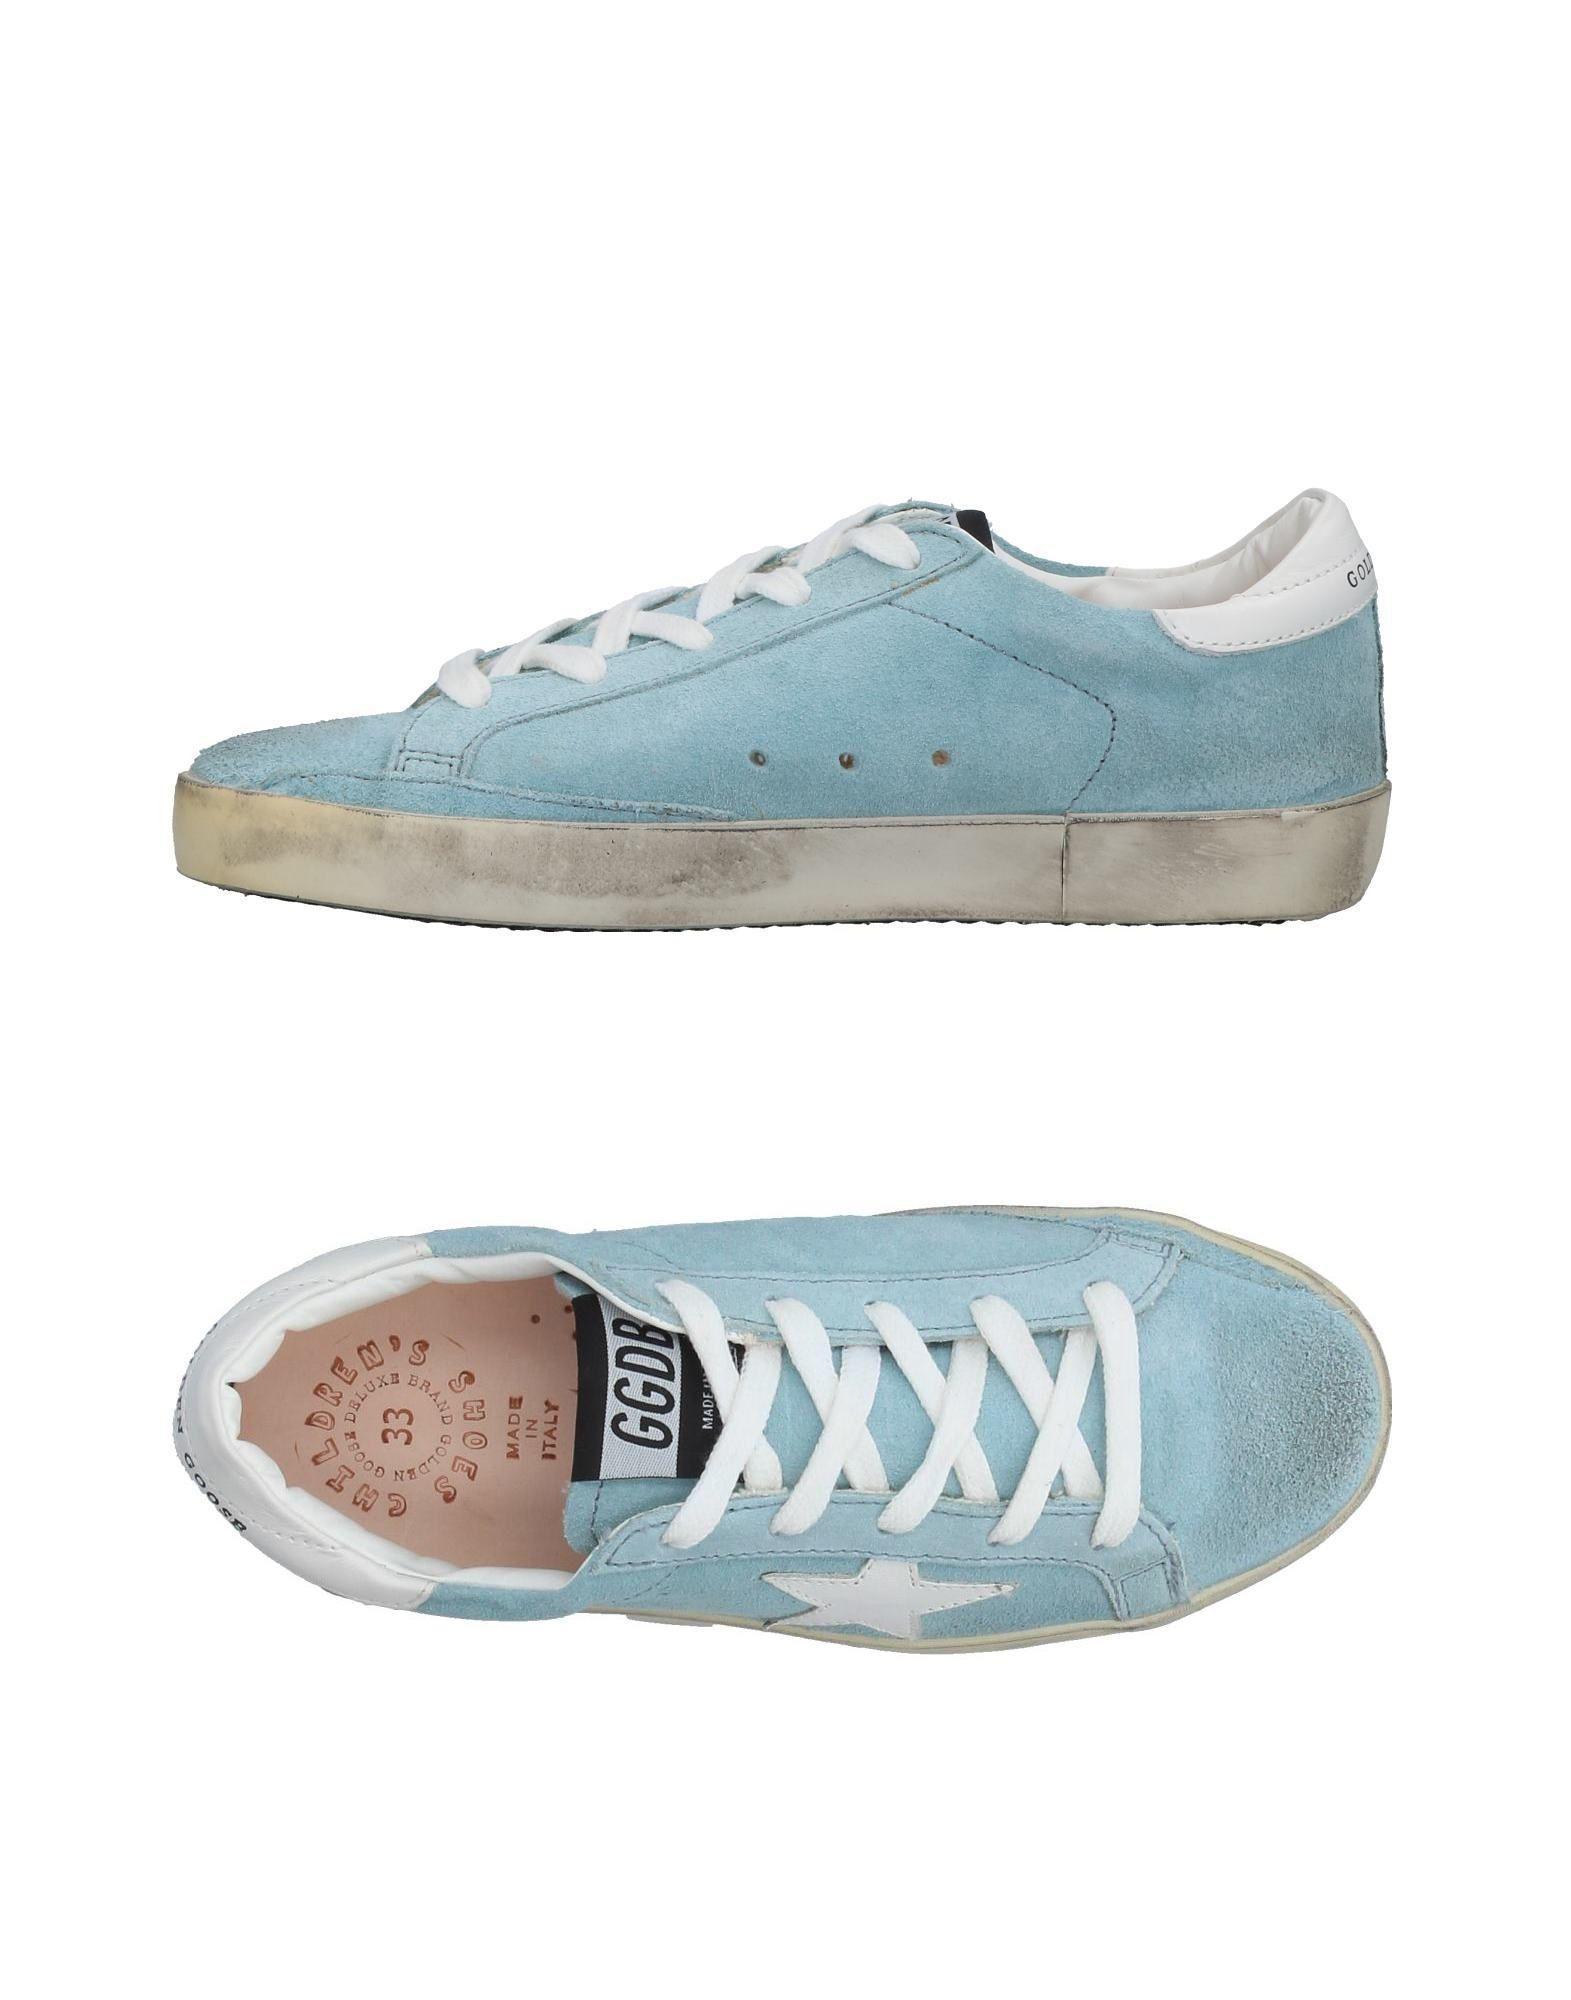 FOOTWEAR - Low-tops & sneakers Laneus 768ItNrA7l